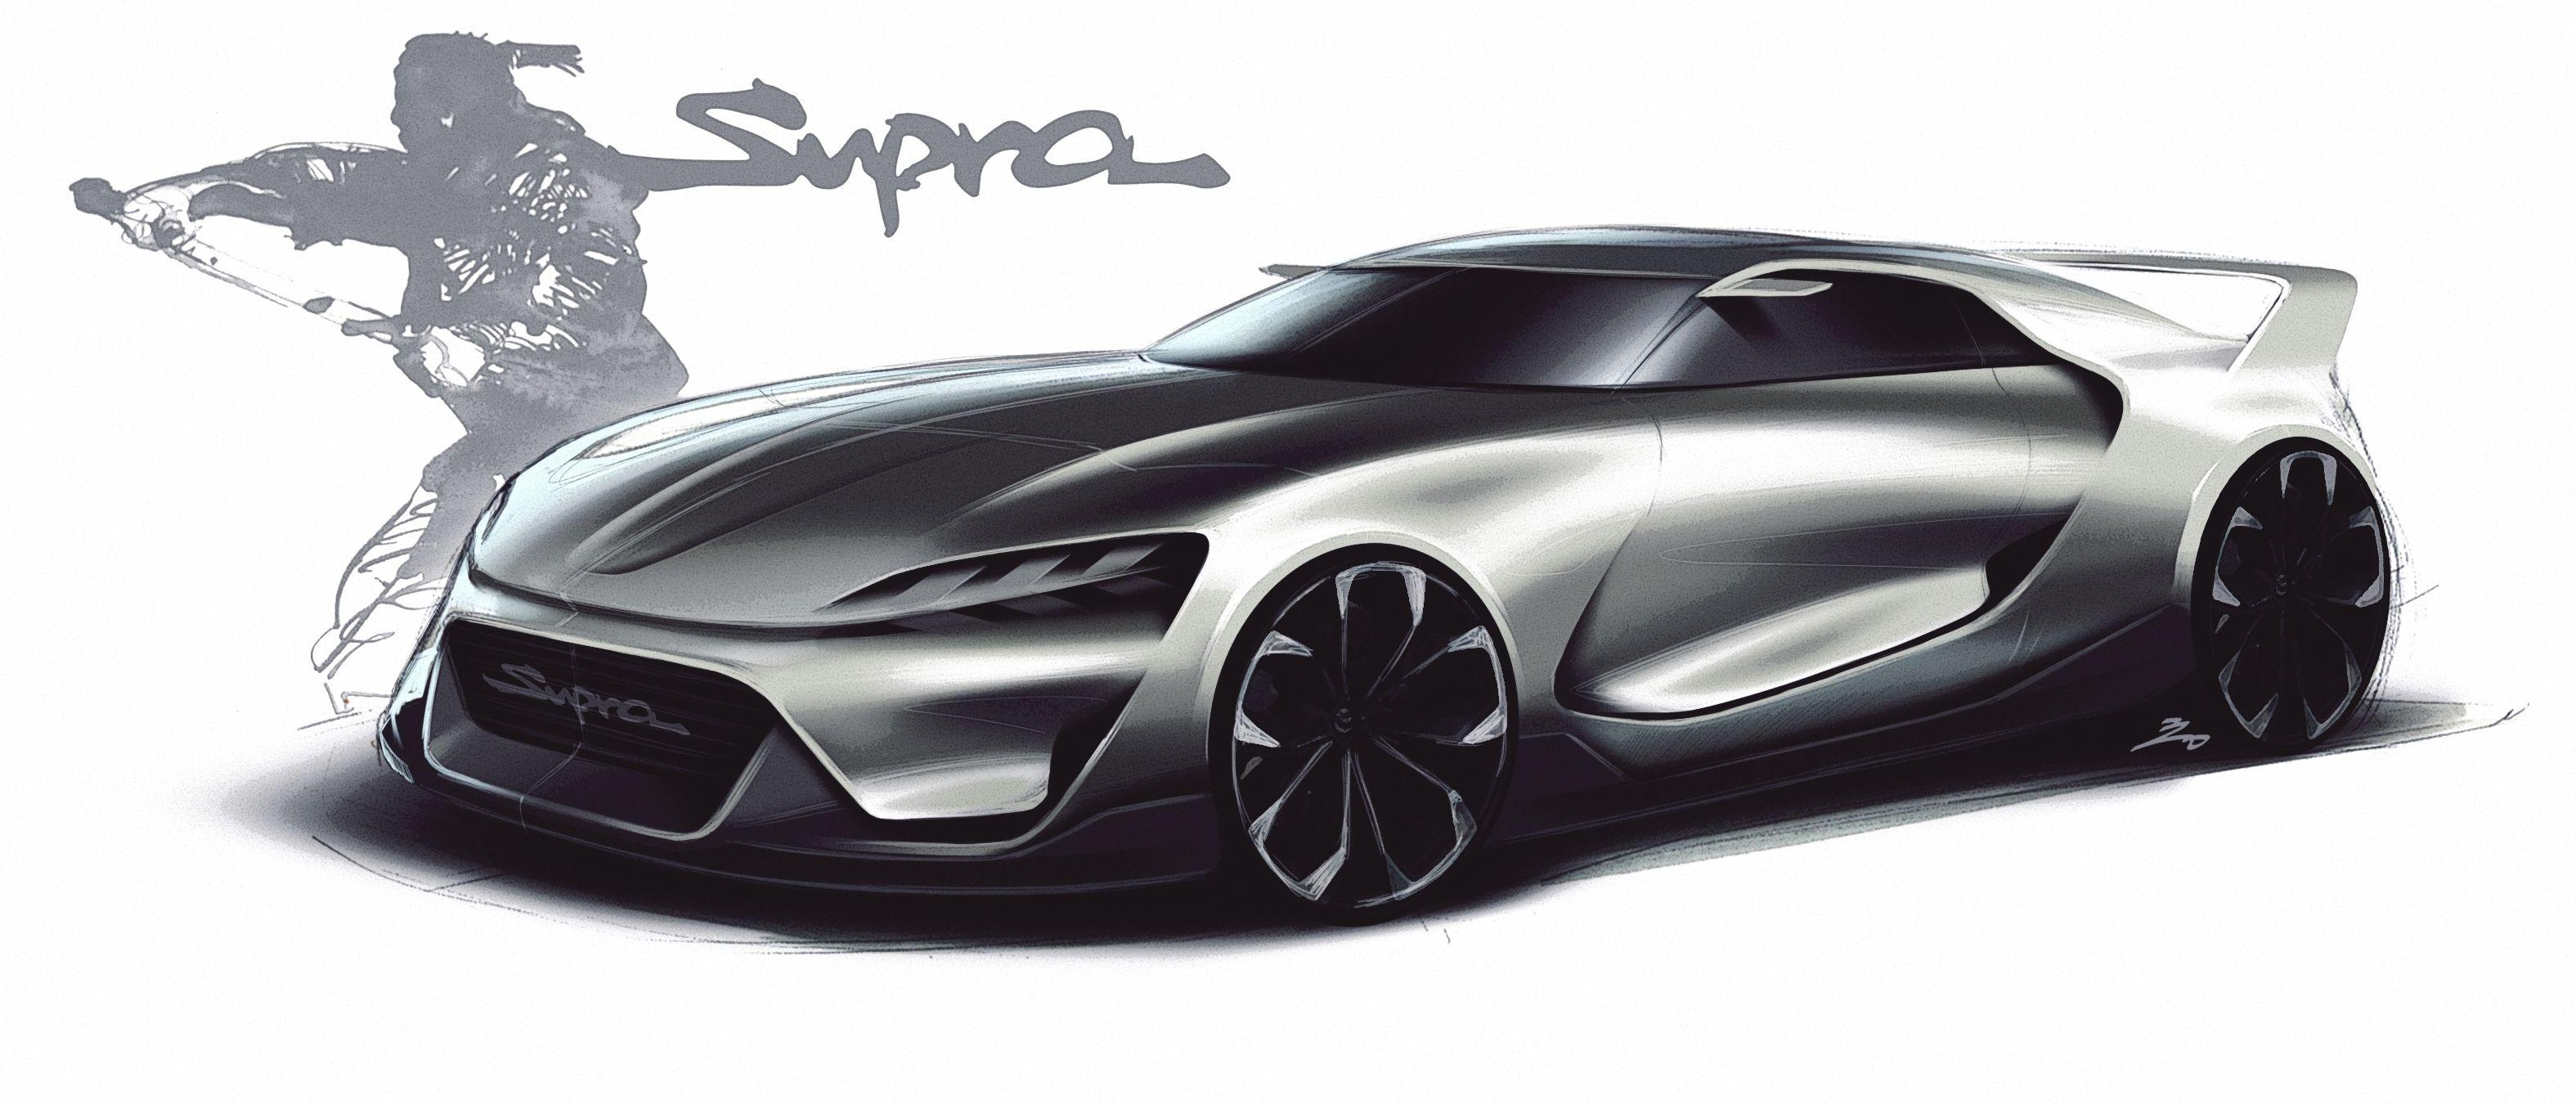 Toyota Supra concept sketch | Car design sketch, Concept ...